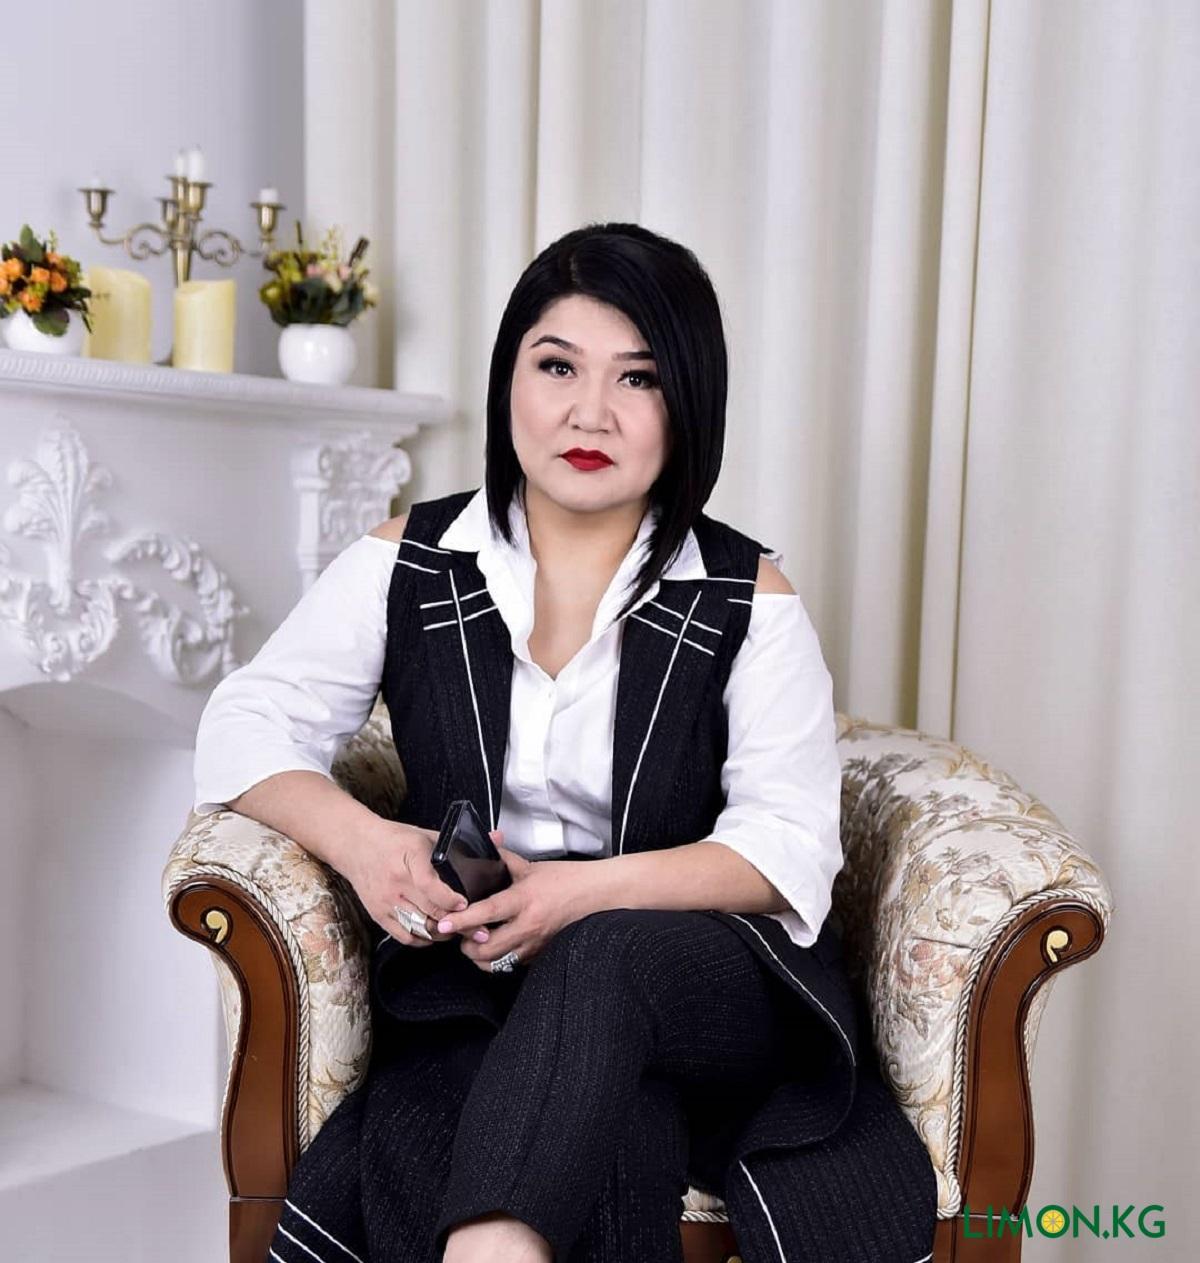 Замира Молдошева